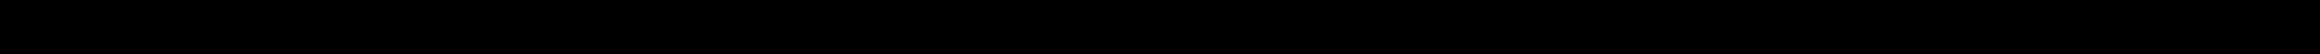 VALEO 92470-N8200, 999-707-284-40, CDU 1513 Blīve, Dzesēšanas sķidruma cauruļvads